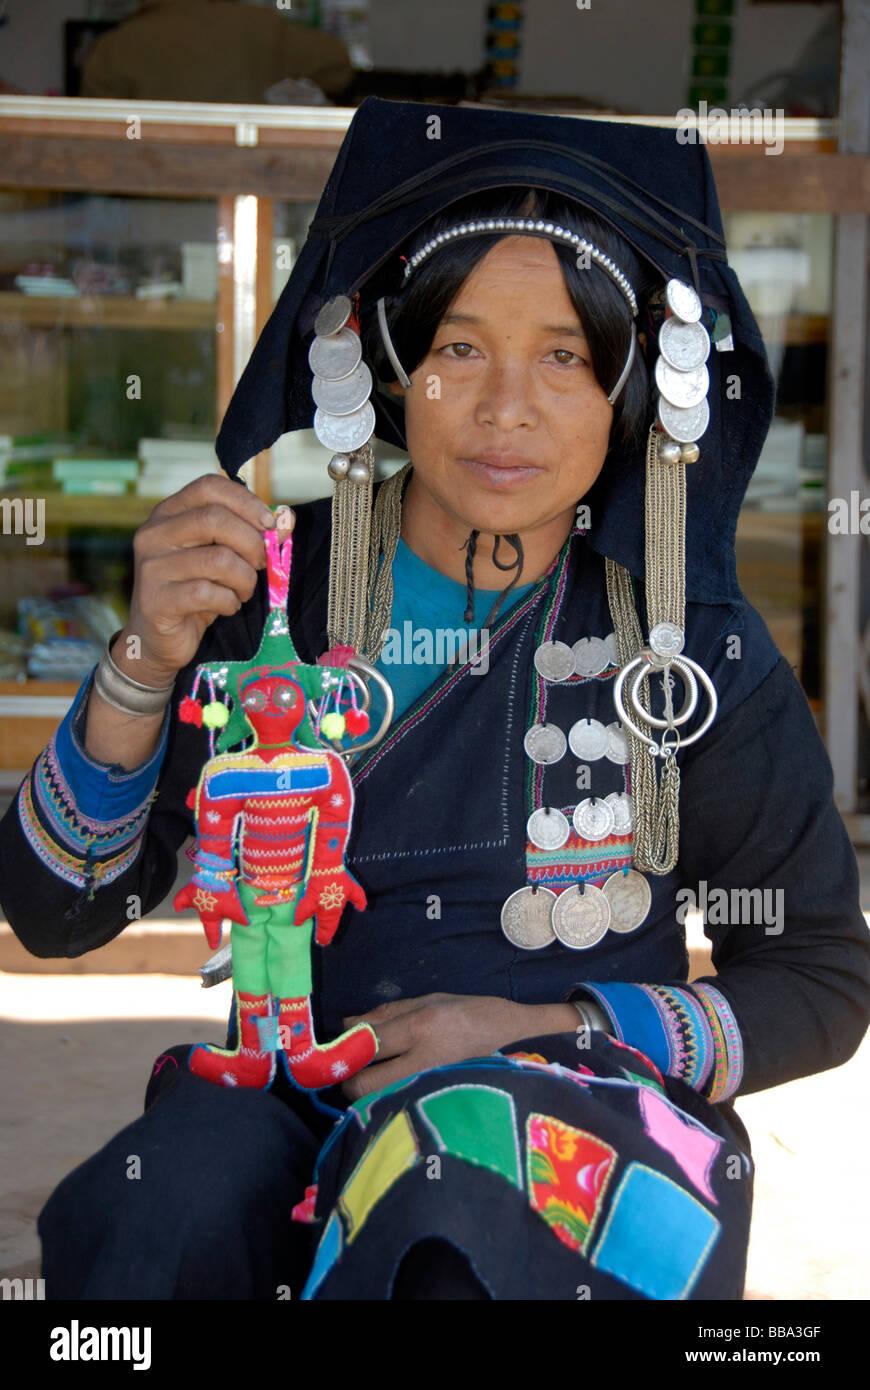 Entwicklungshilfe Schneiderin aus Biladjo Akha die Gruppe der Frauen, Frauen von der Akha Ethnie, in Tracht, hochhalten Stockbild